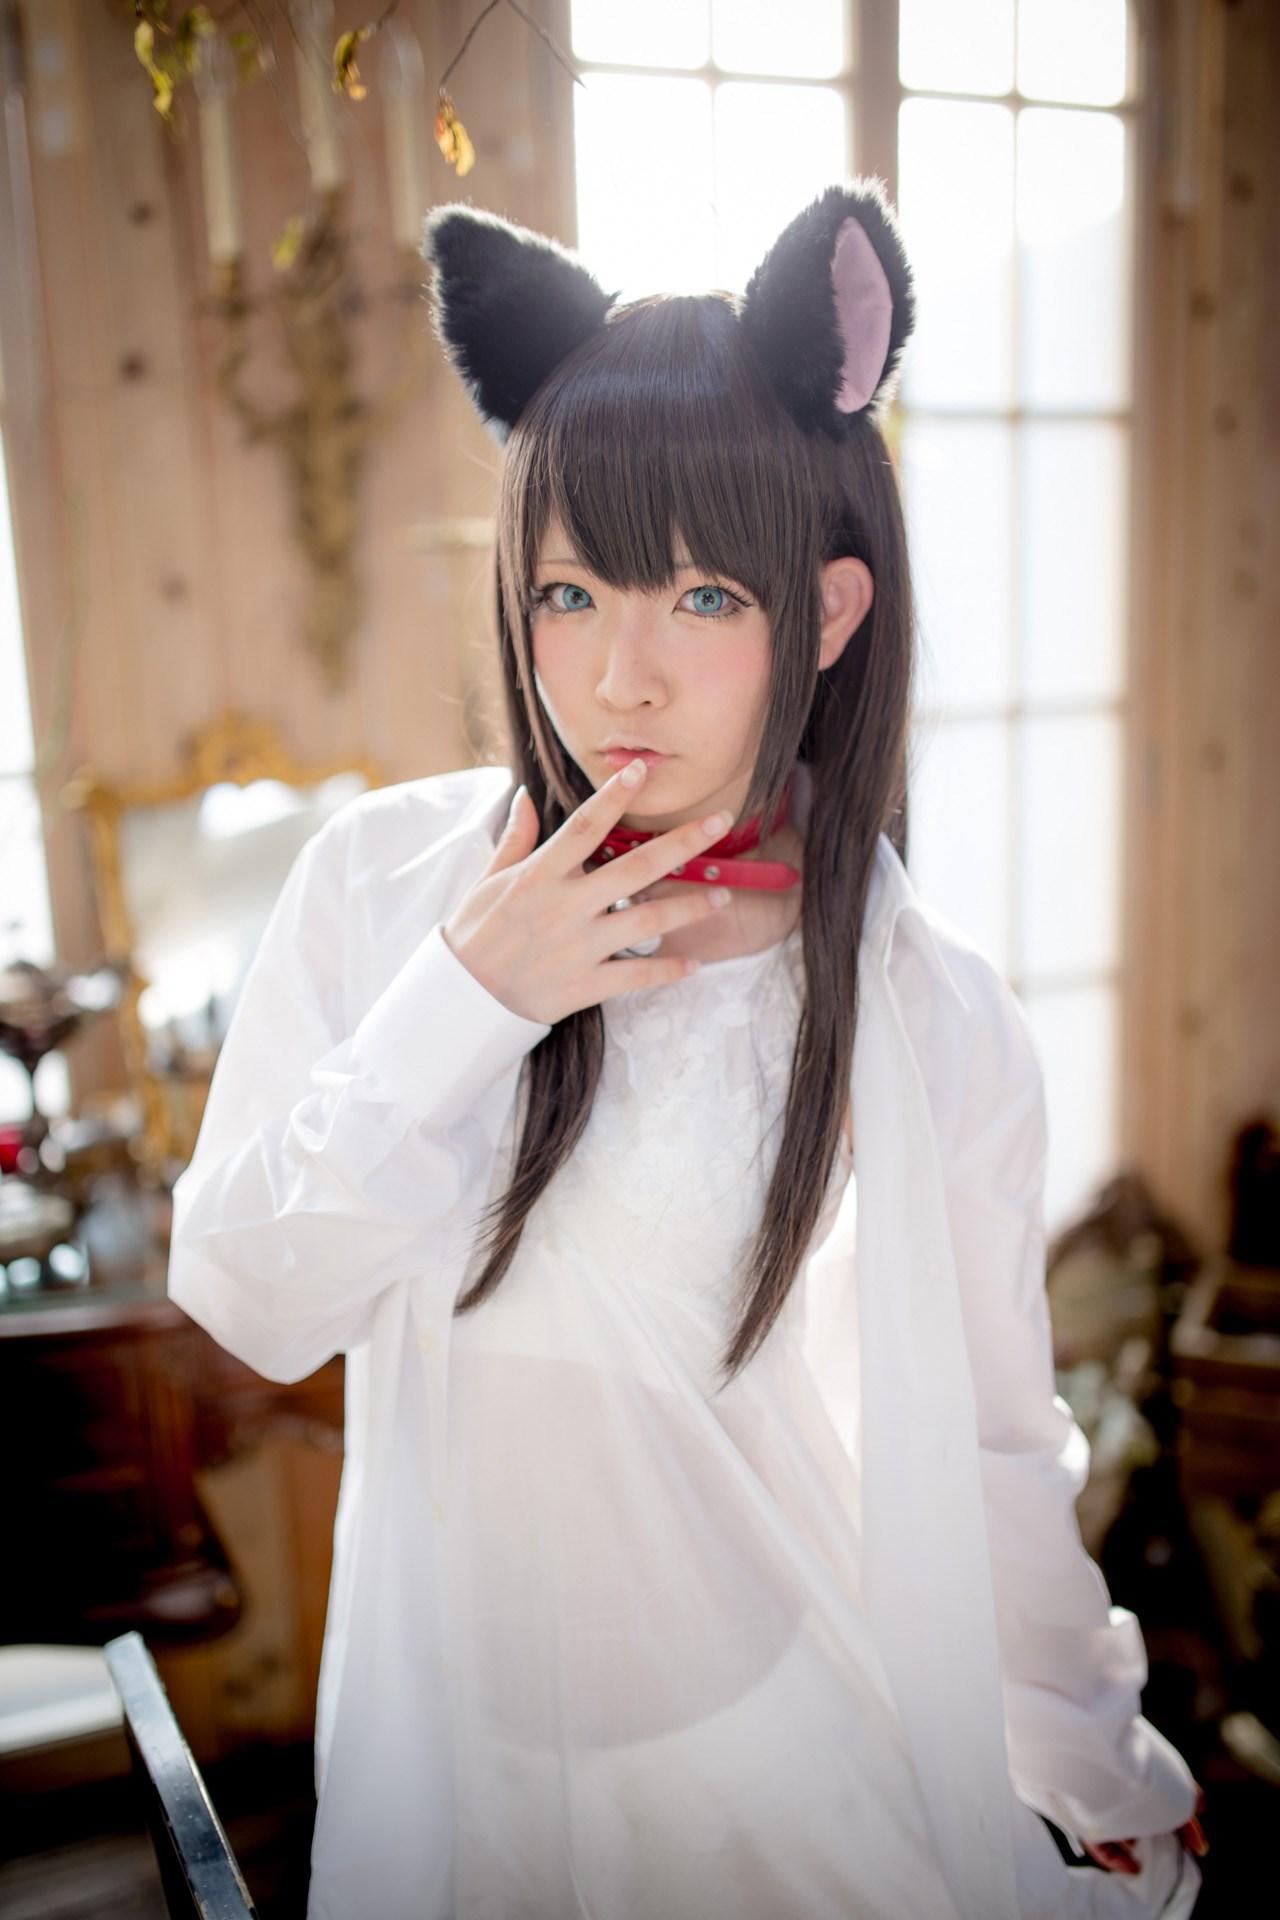 【兔玩映画】猫耳娘 兔玩映画 第1张